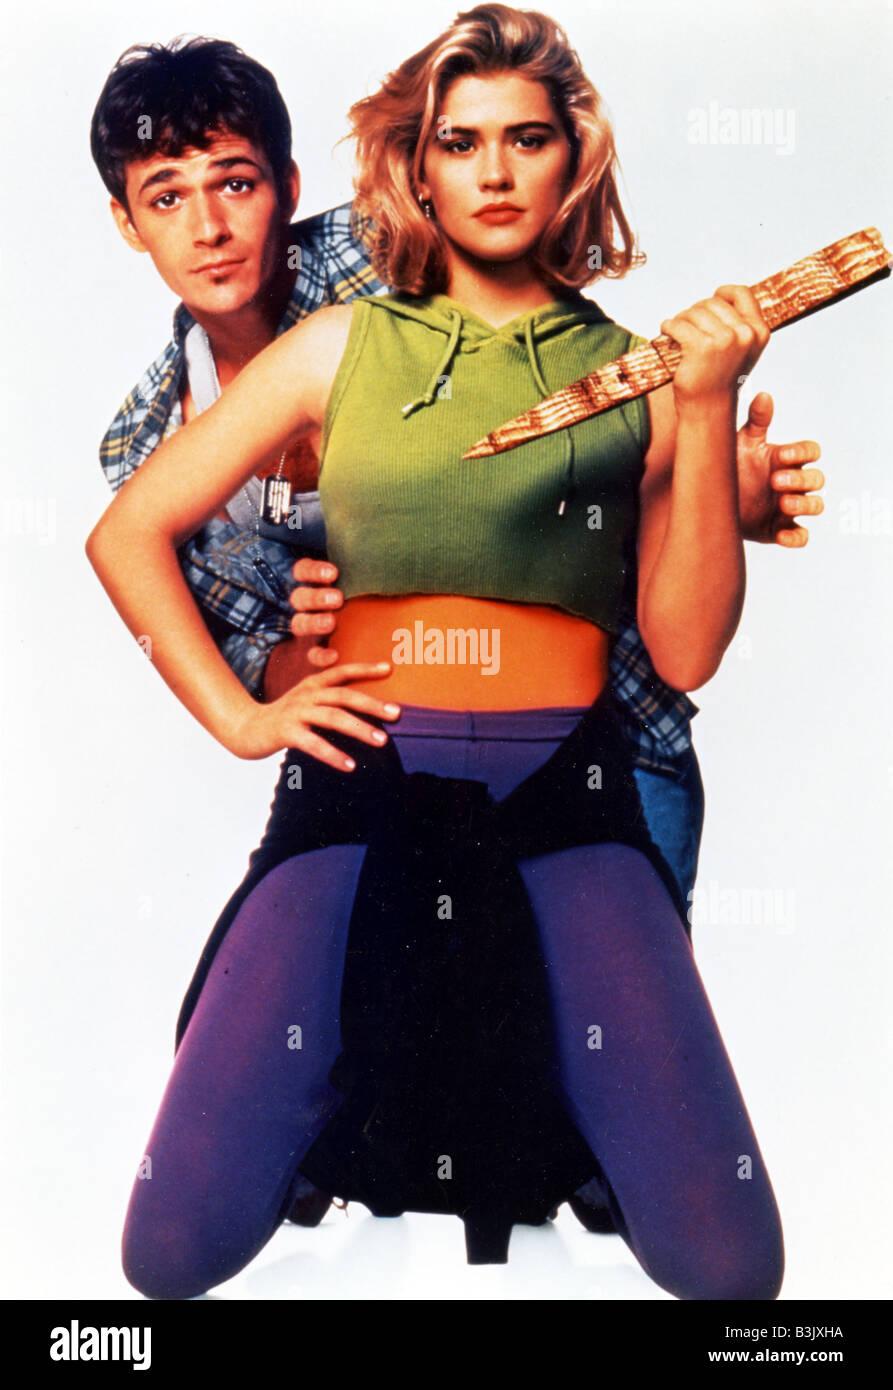 BUFFY the Vampire Slayer 1992 TCF film con Kristy Swanson e Luke Perry Immagini Stock